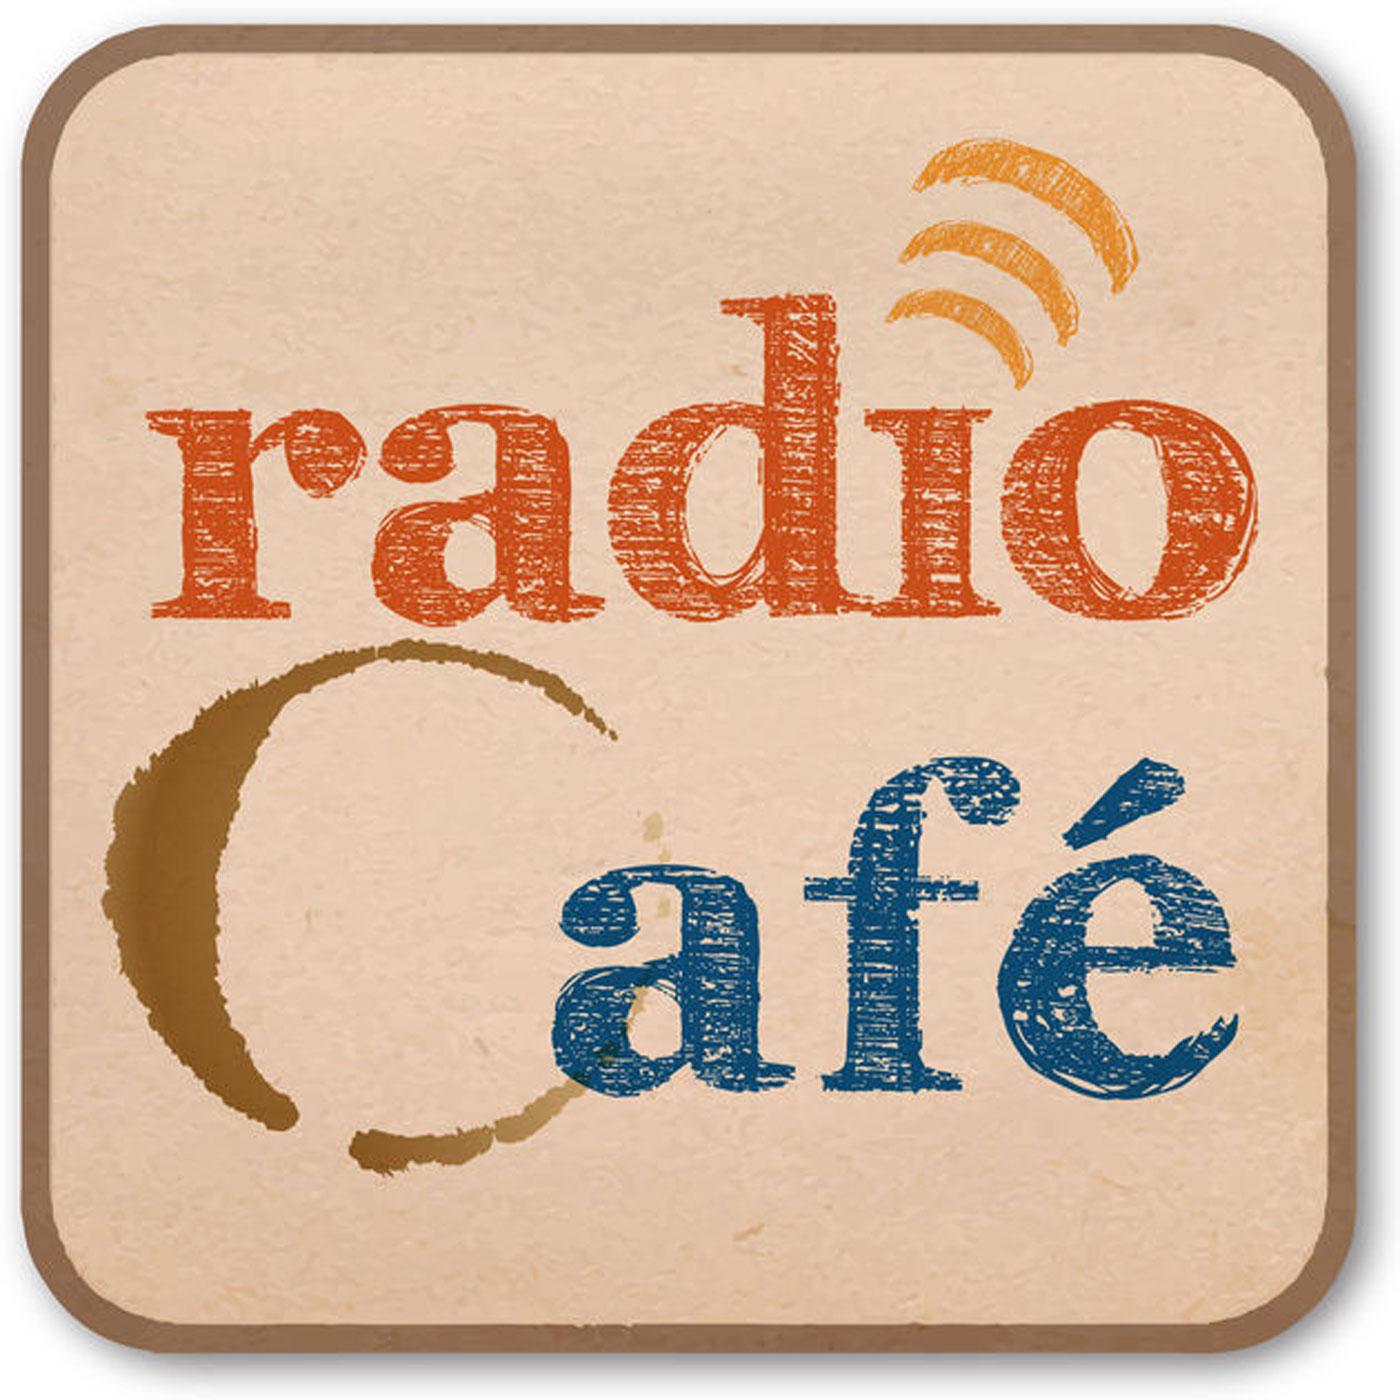 The Radio Café on Santafenewmexican.com show art